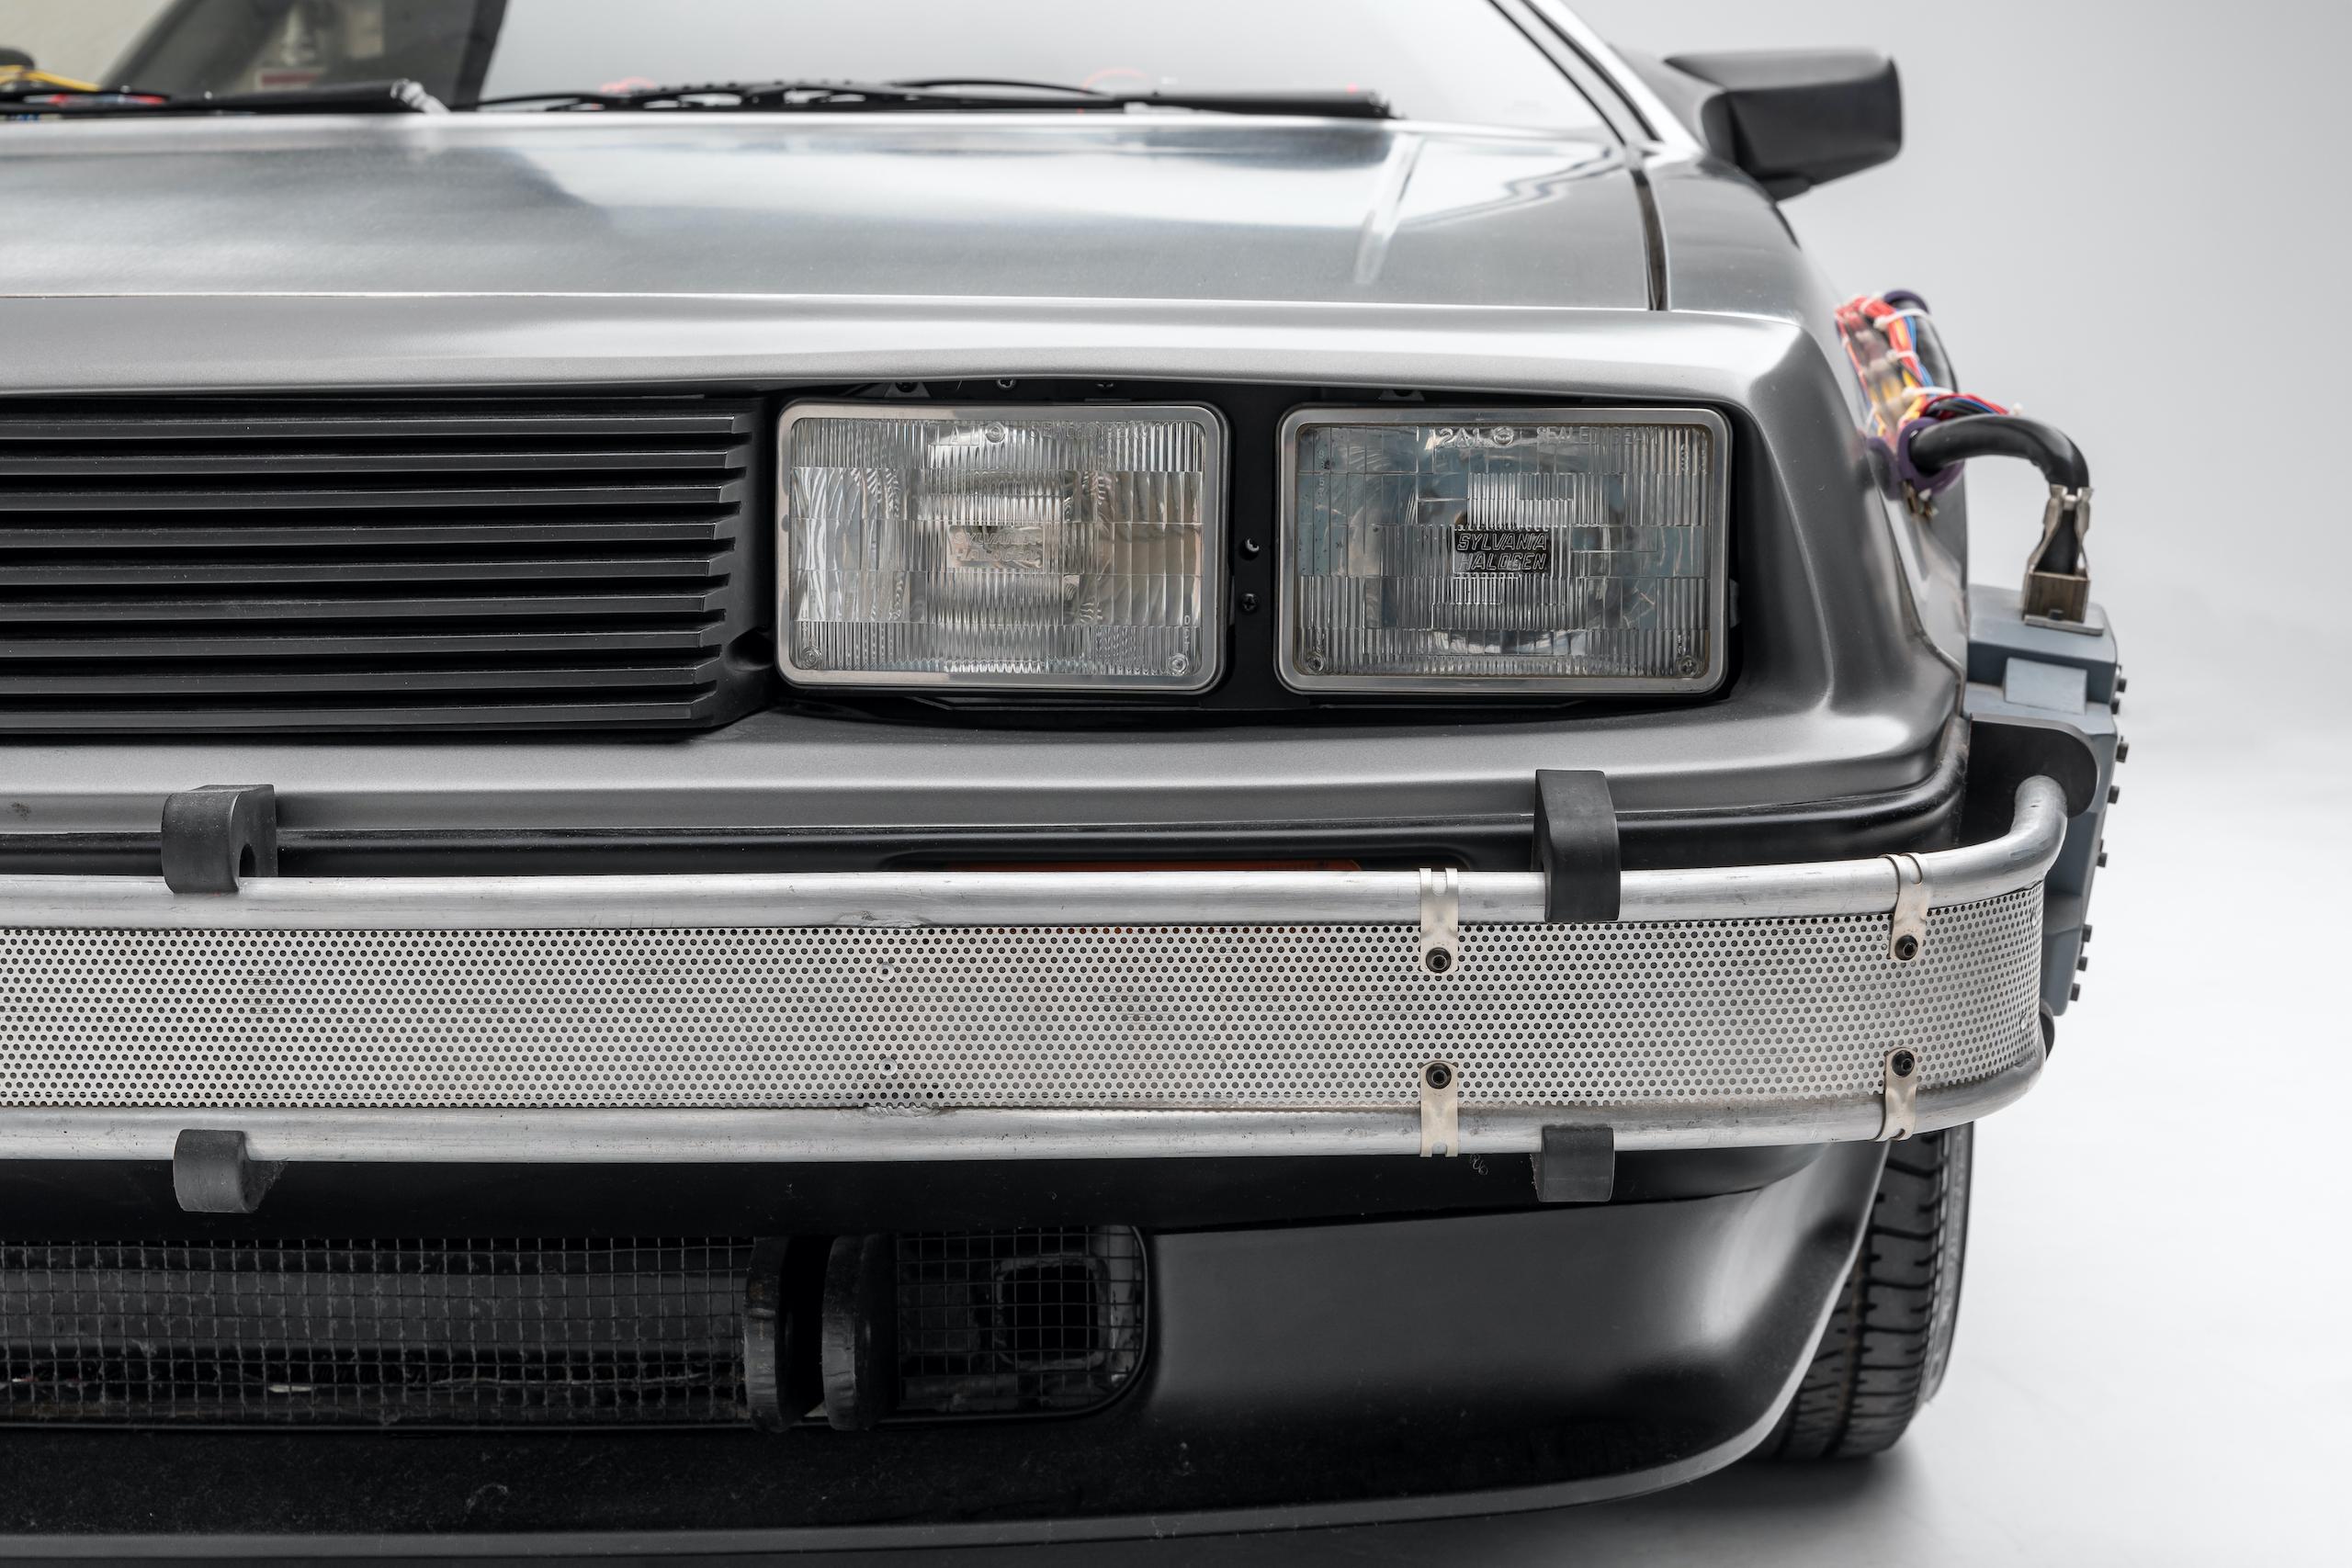 Back to Future DeLorean headlight detail